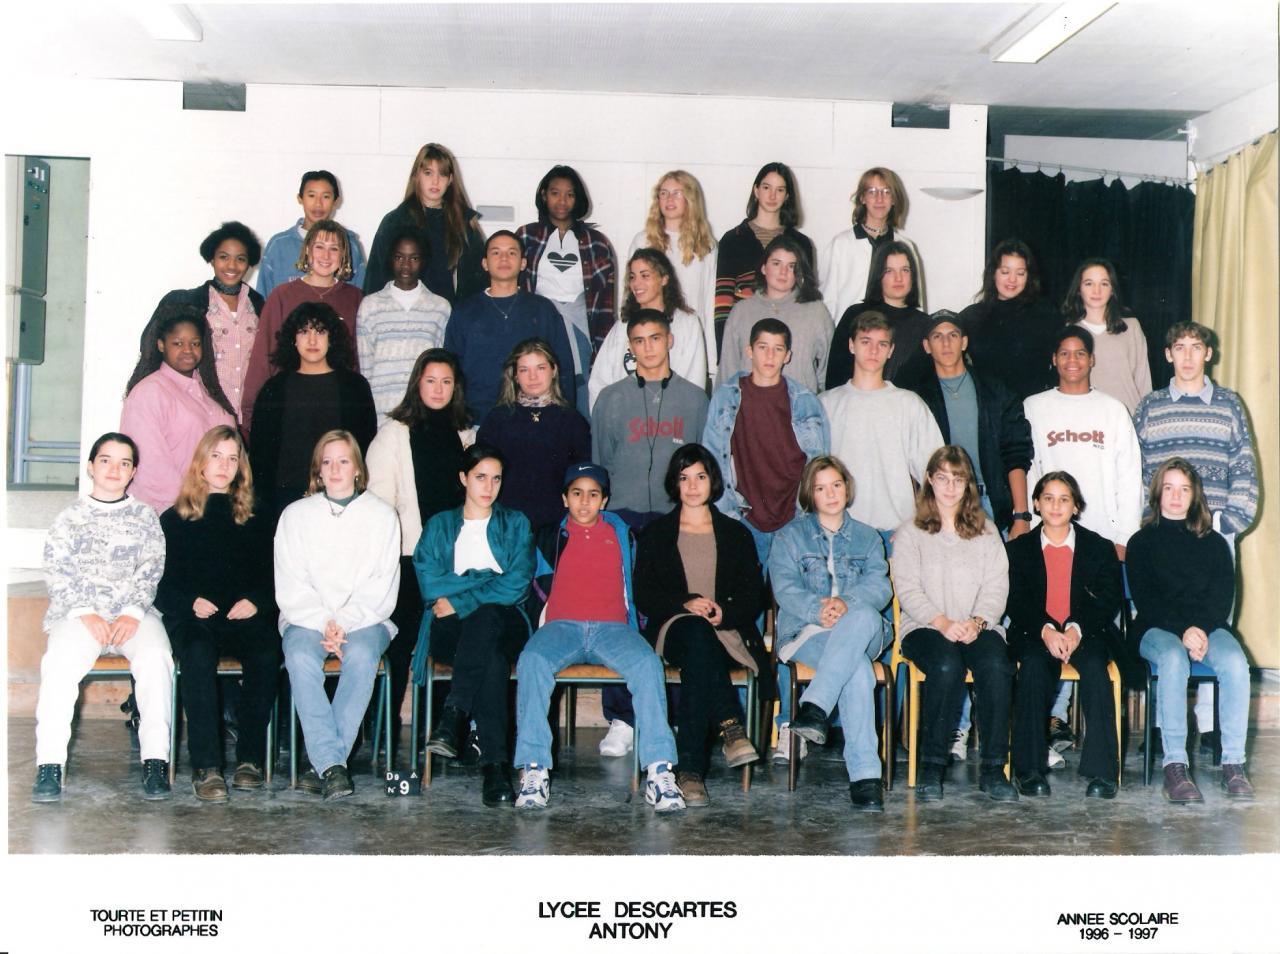 1997 - 2.8 - TOURTE